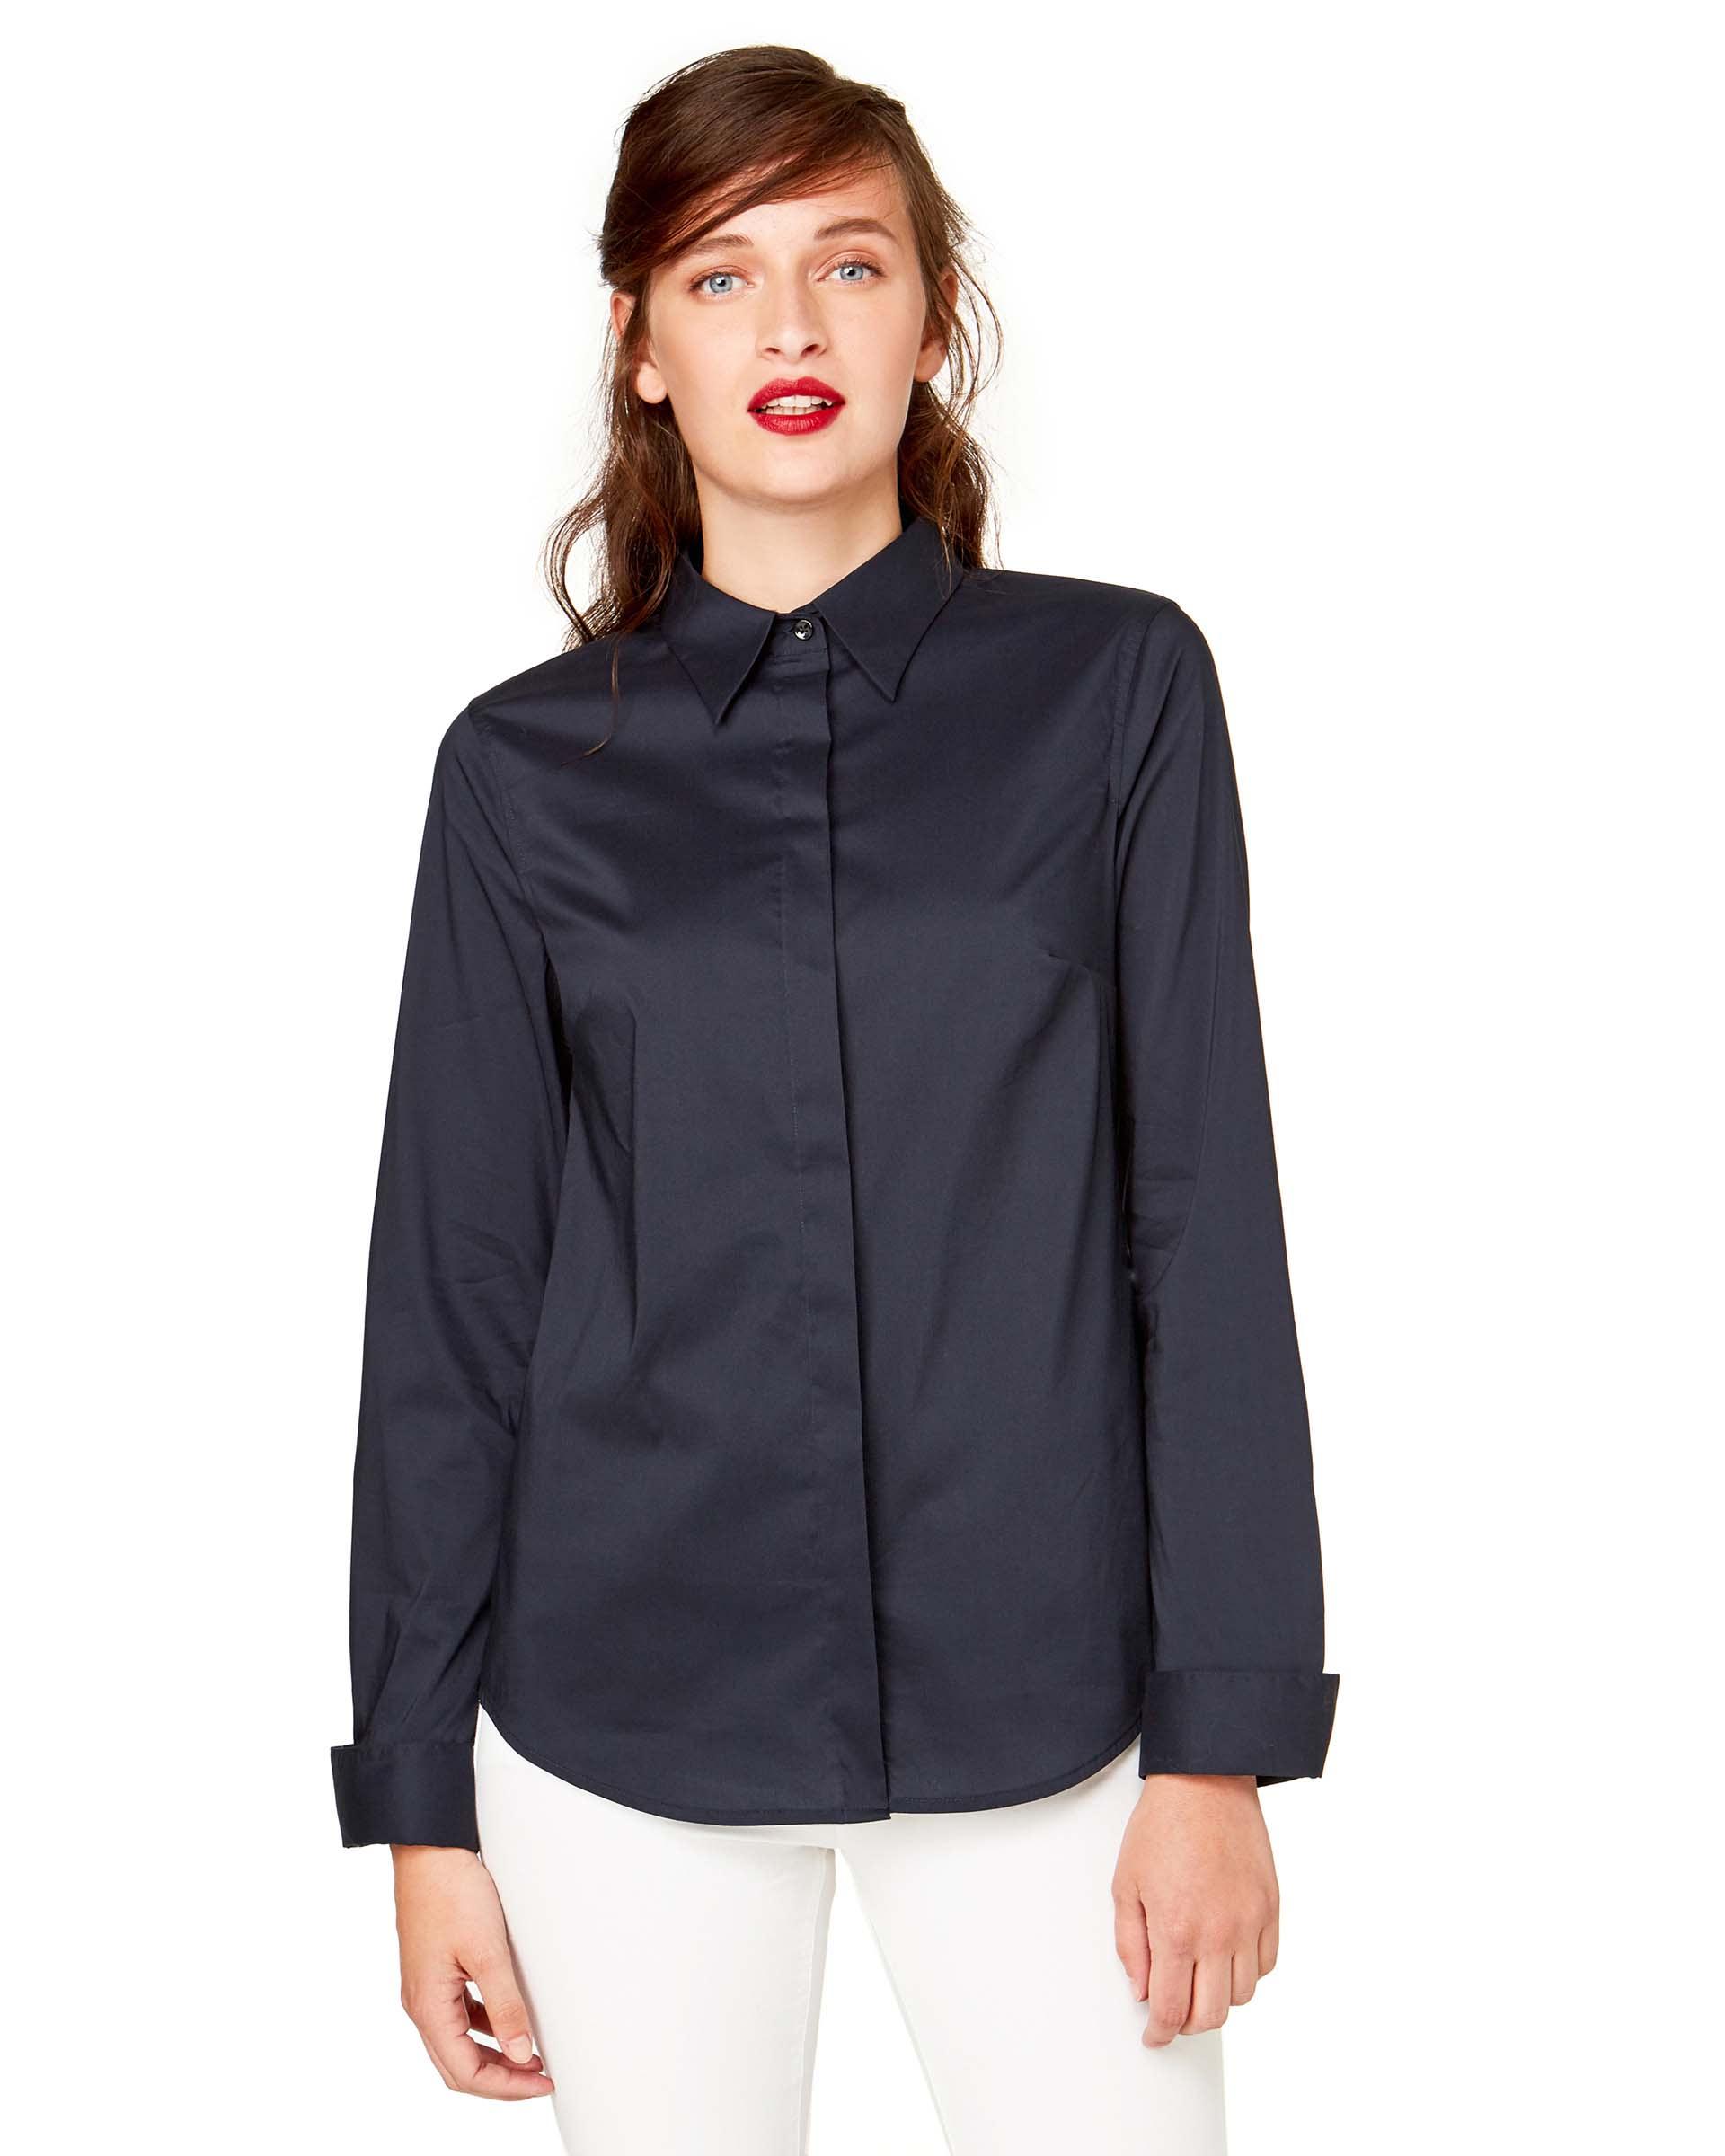 РубашкаРубашки<br>Цветы на фотографиях не являются товаром и продаже не подлежат.<br>Цвет: Синий; Размер: XS;